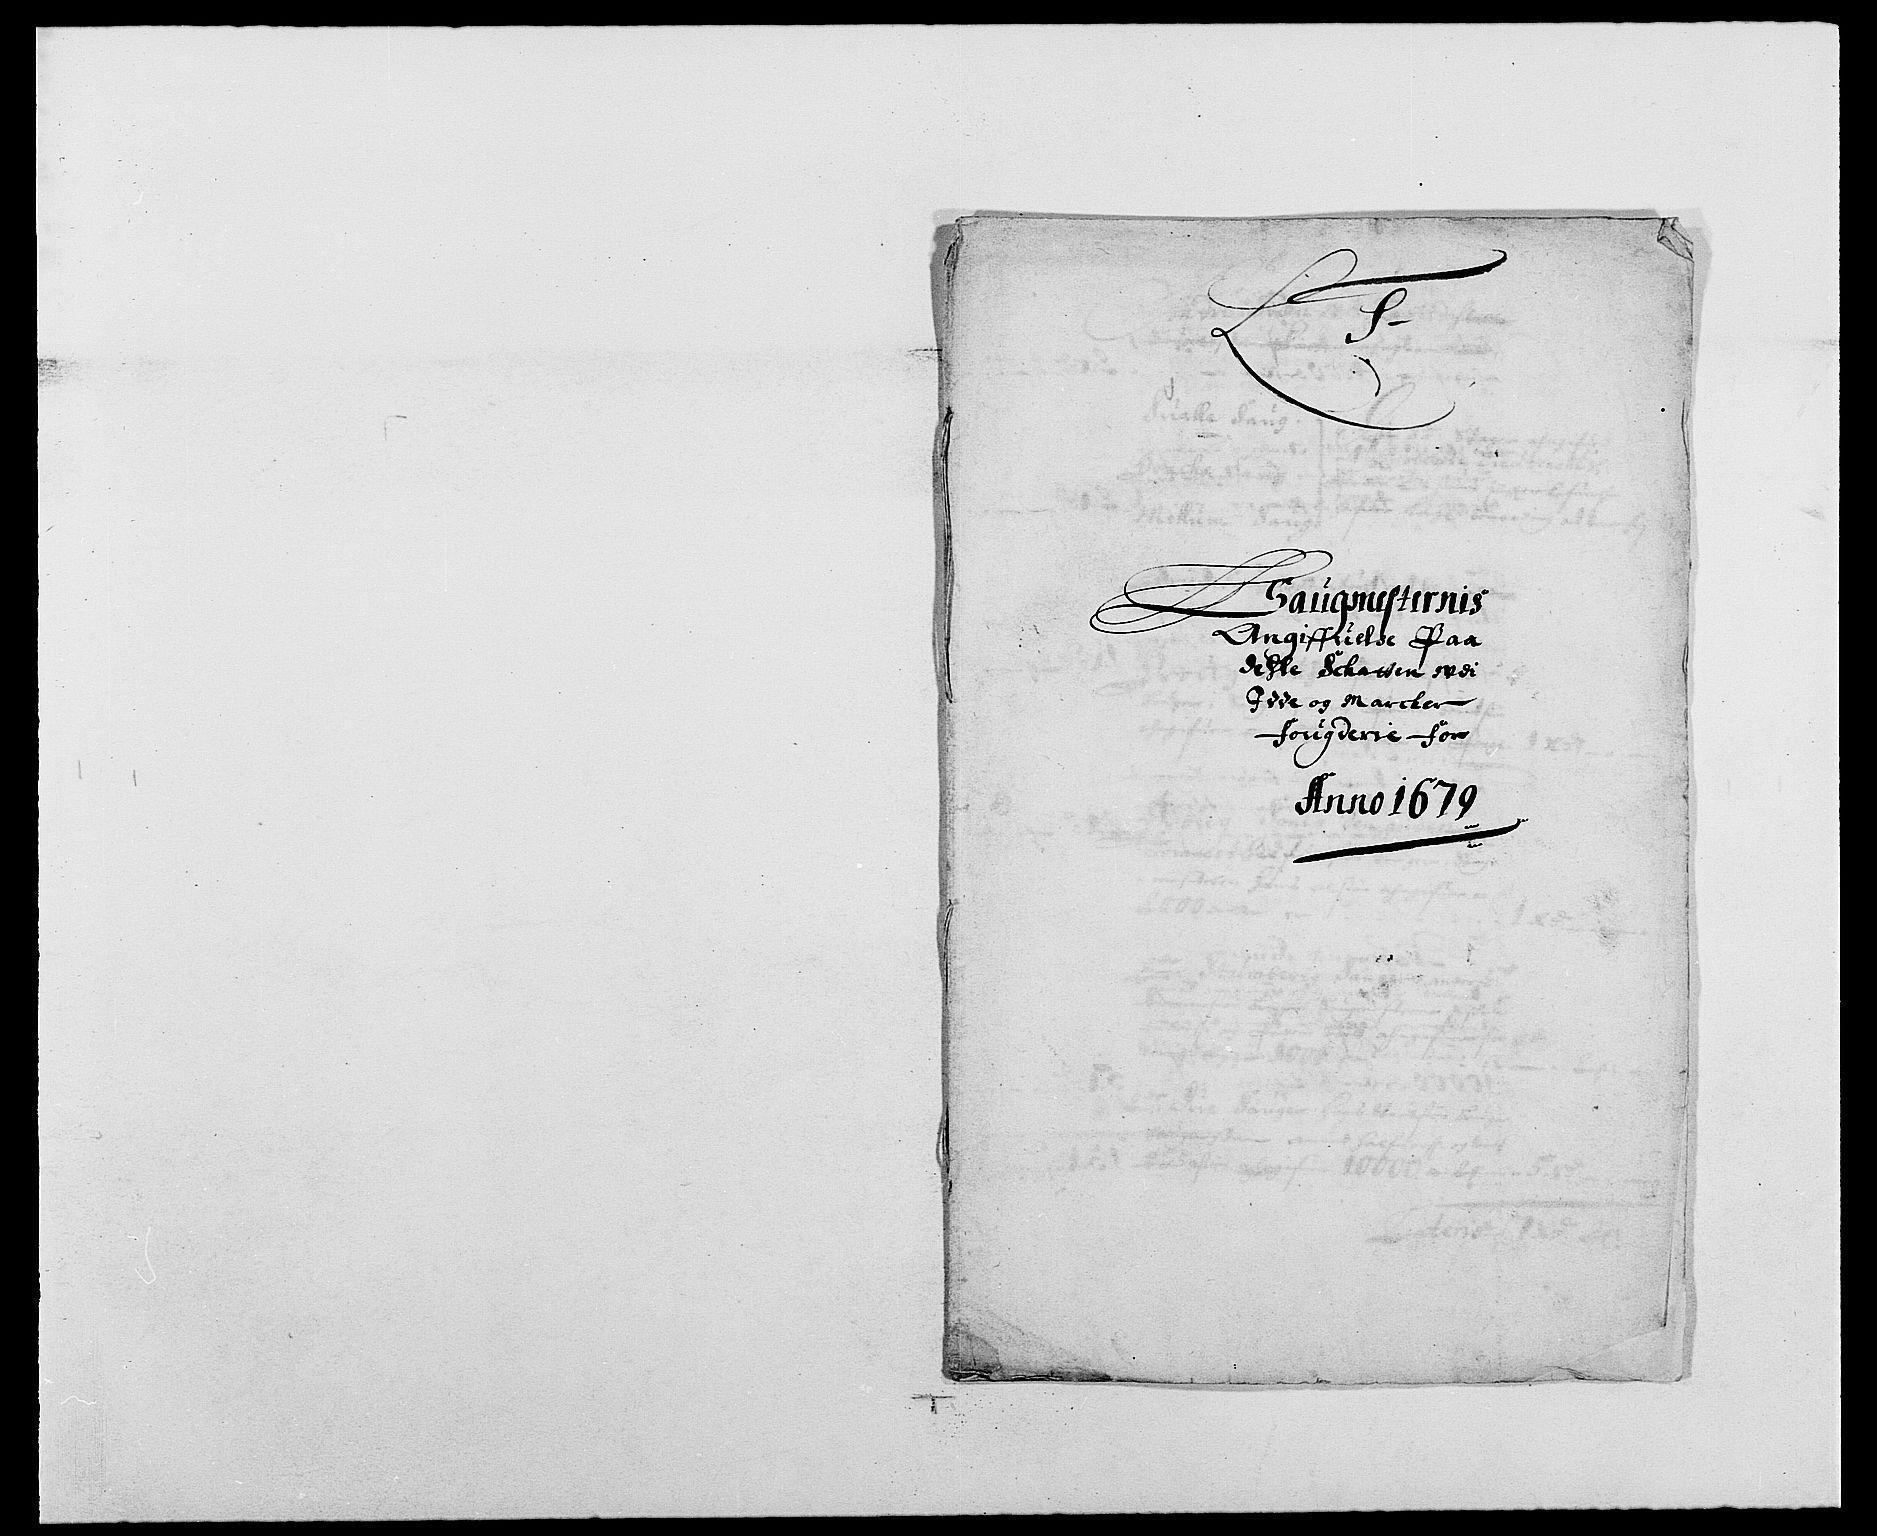 RA, Rentekammeret inntil 1814, Reviderte regnskaper, Fogderegnskap, R01/L0001: Fogderegnskap Idd og Marker, 1678-1679, s. 471